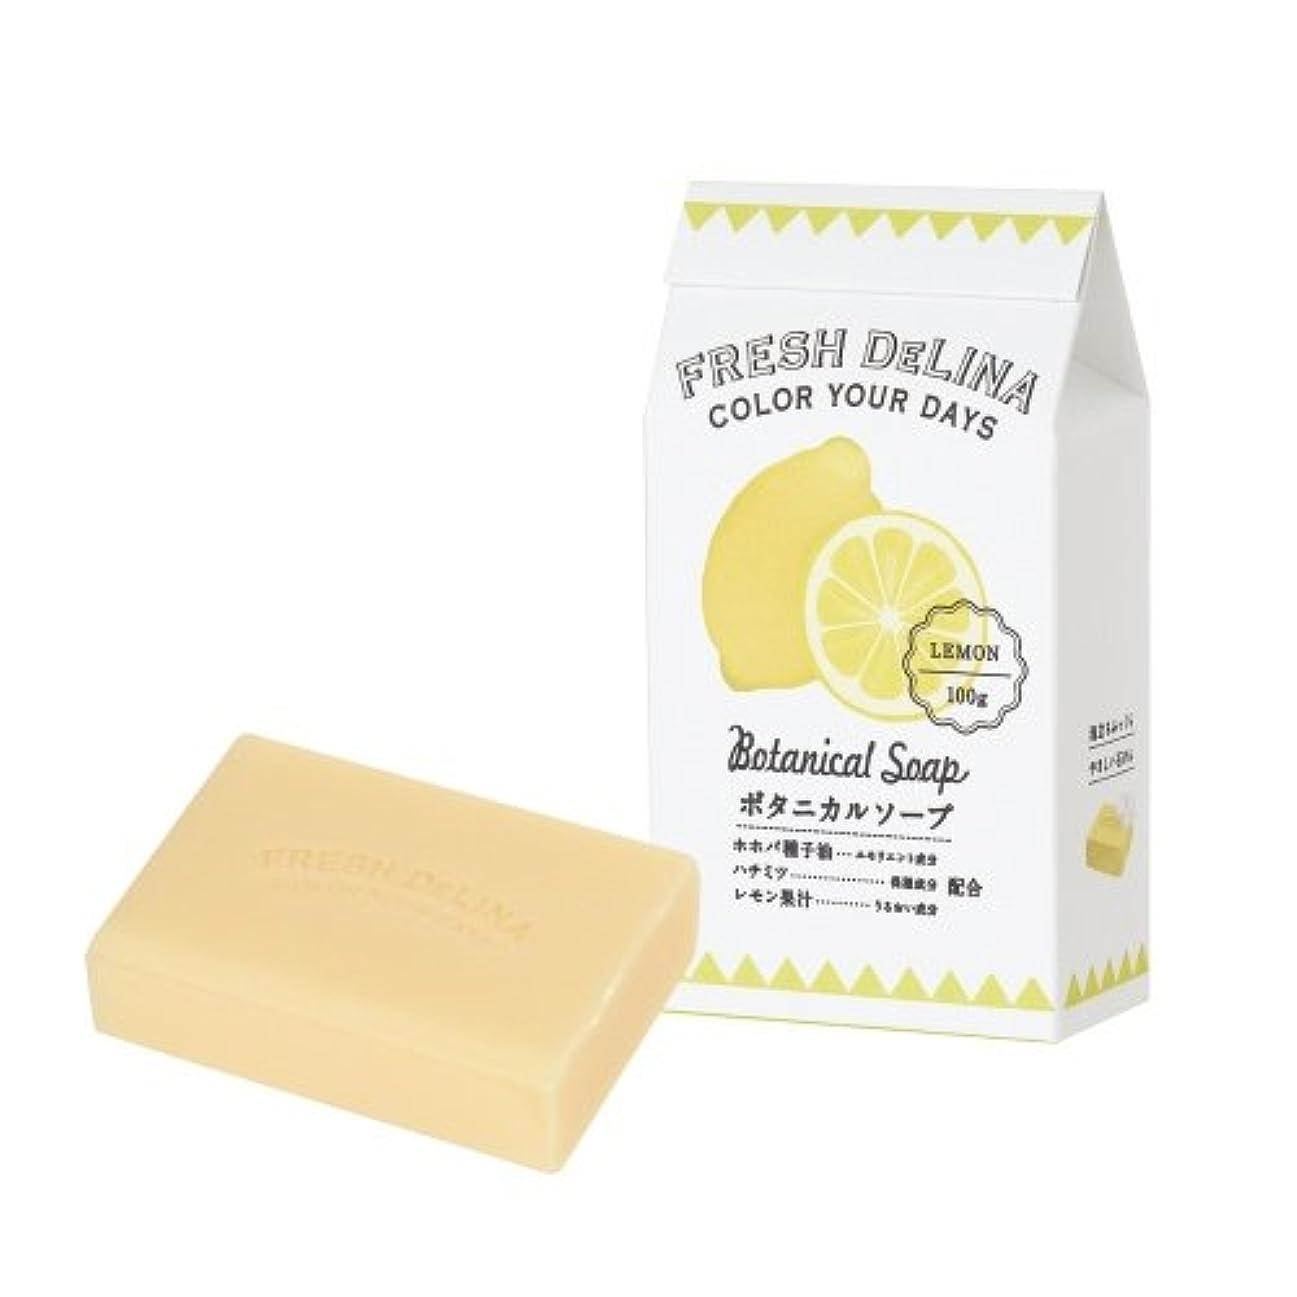 海里六月自動フレッシュデリーナ ボタニカルソープ レモン 100g